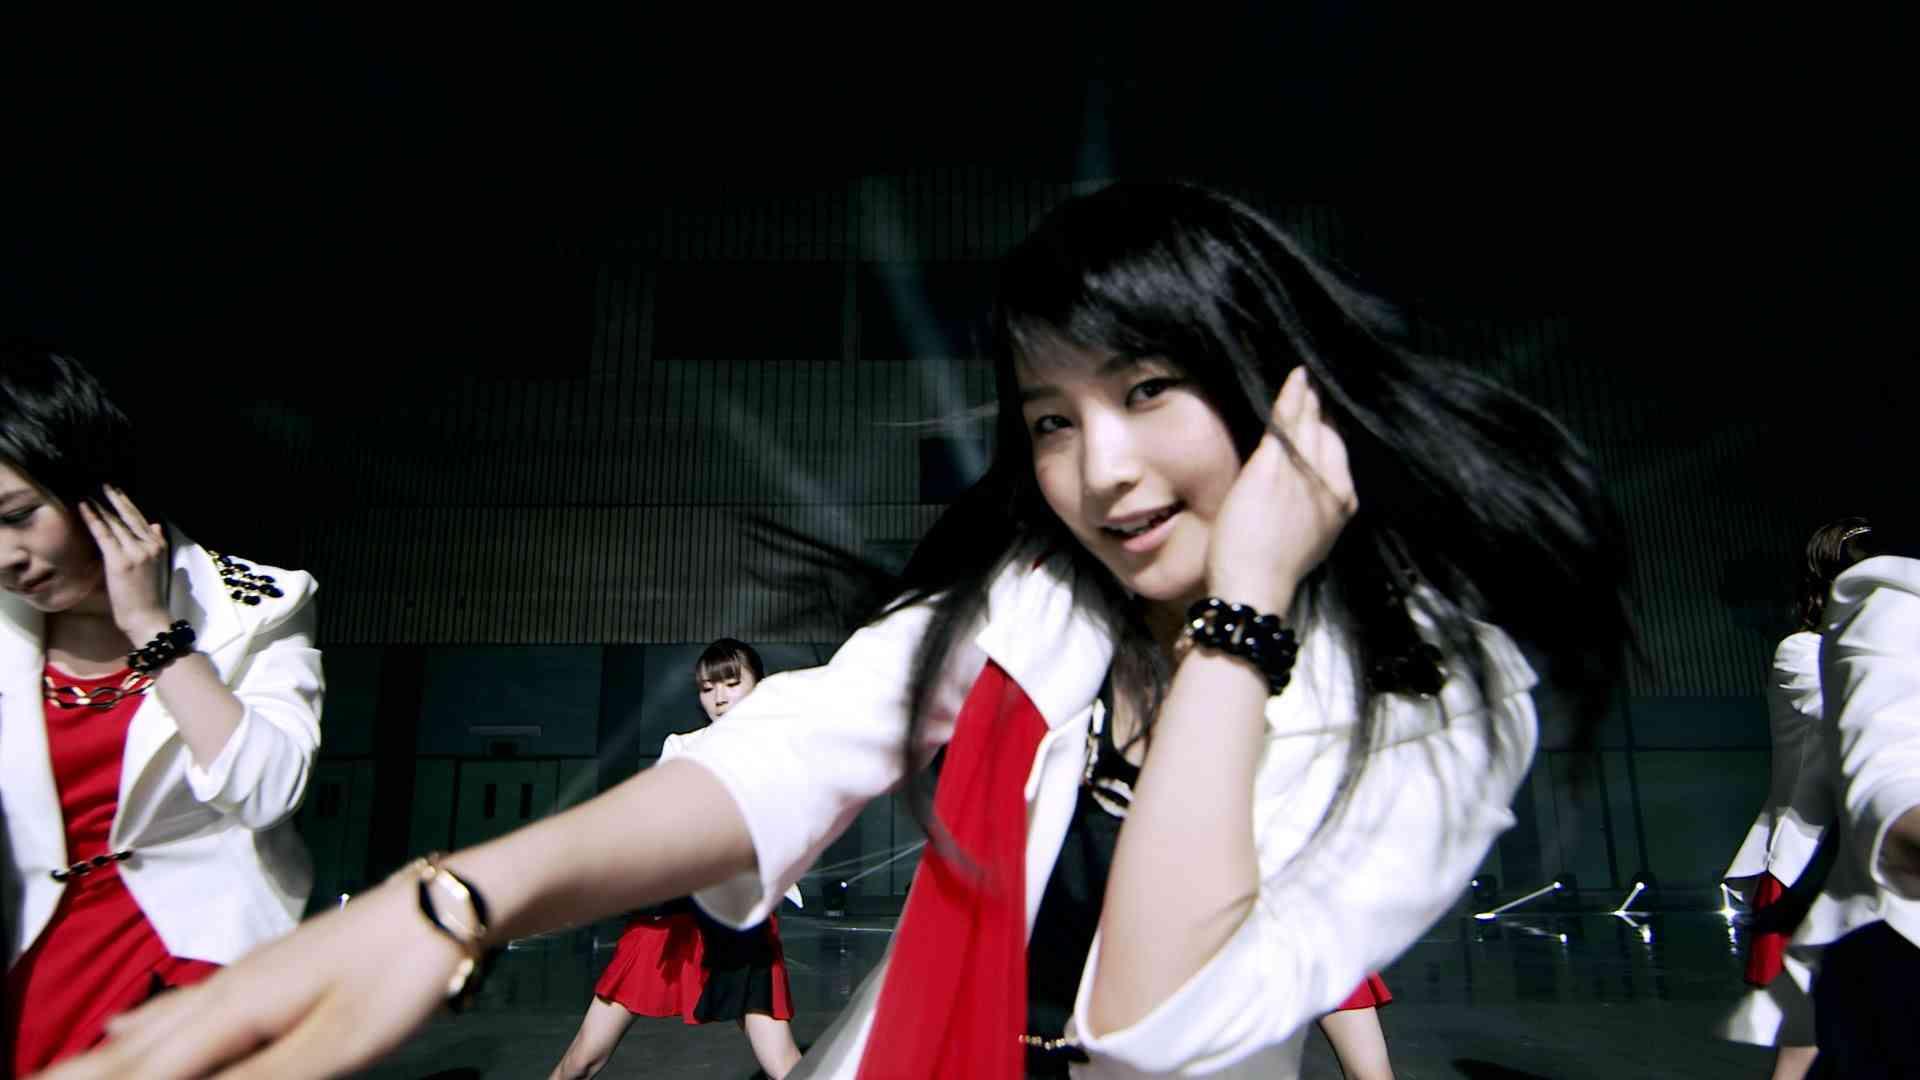 モーニング娘。'14 『TIKI BUN』(Promotion Ver.) - YouTube